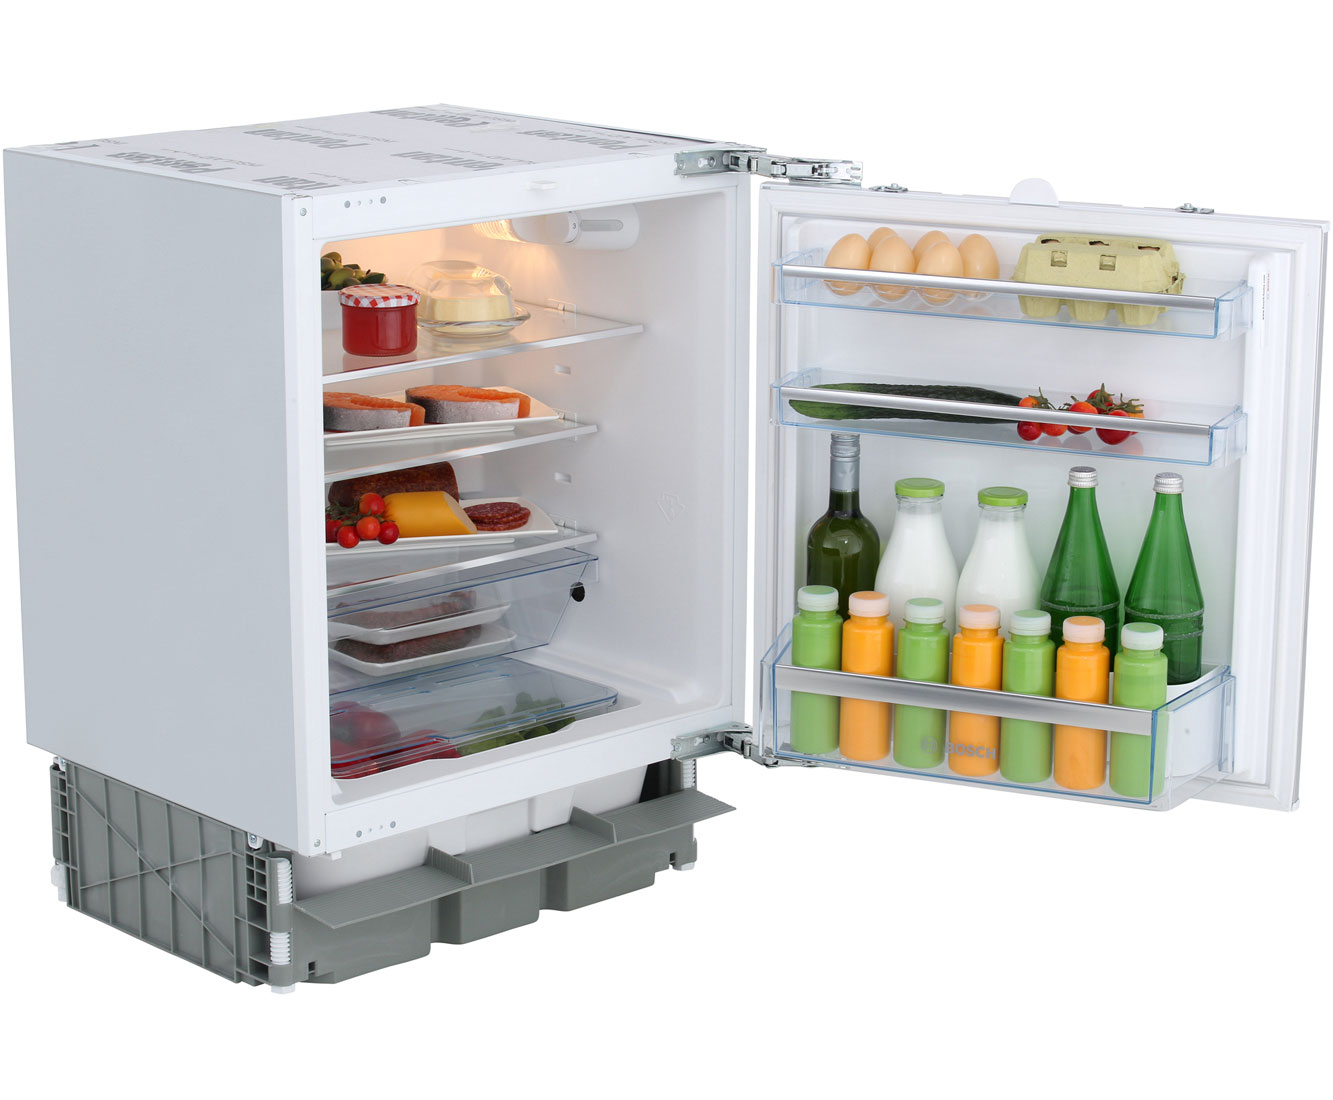 Bosch Kühlschrank Orange : Bosch serie 6 kur15a65 einbau kühlschrank 82er nische festtür